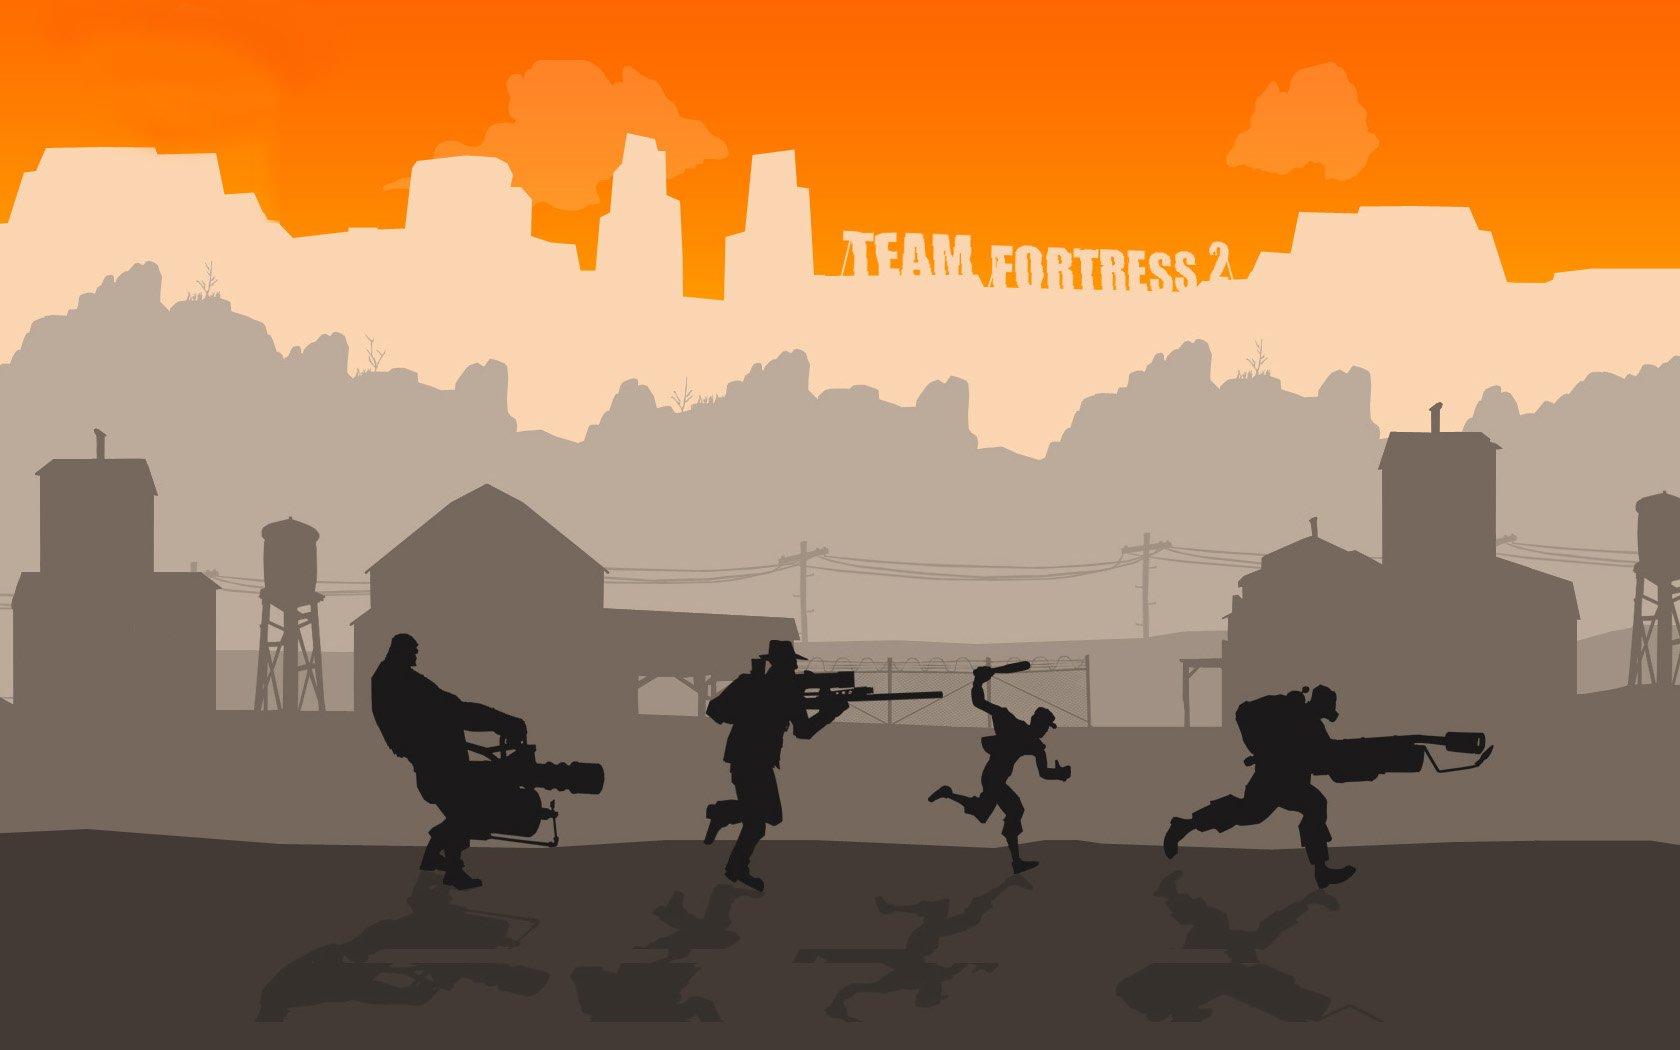 电子游戏 - 军团要塞2  壁纸